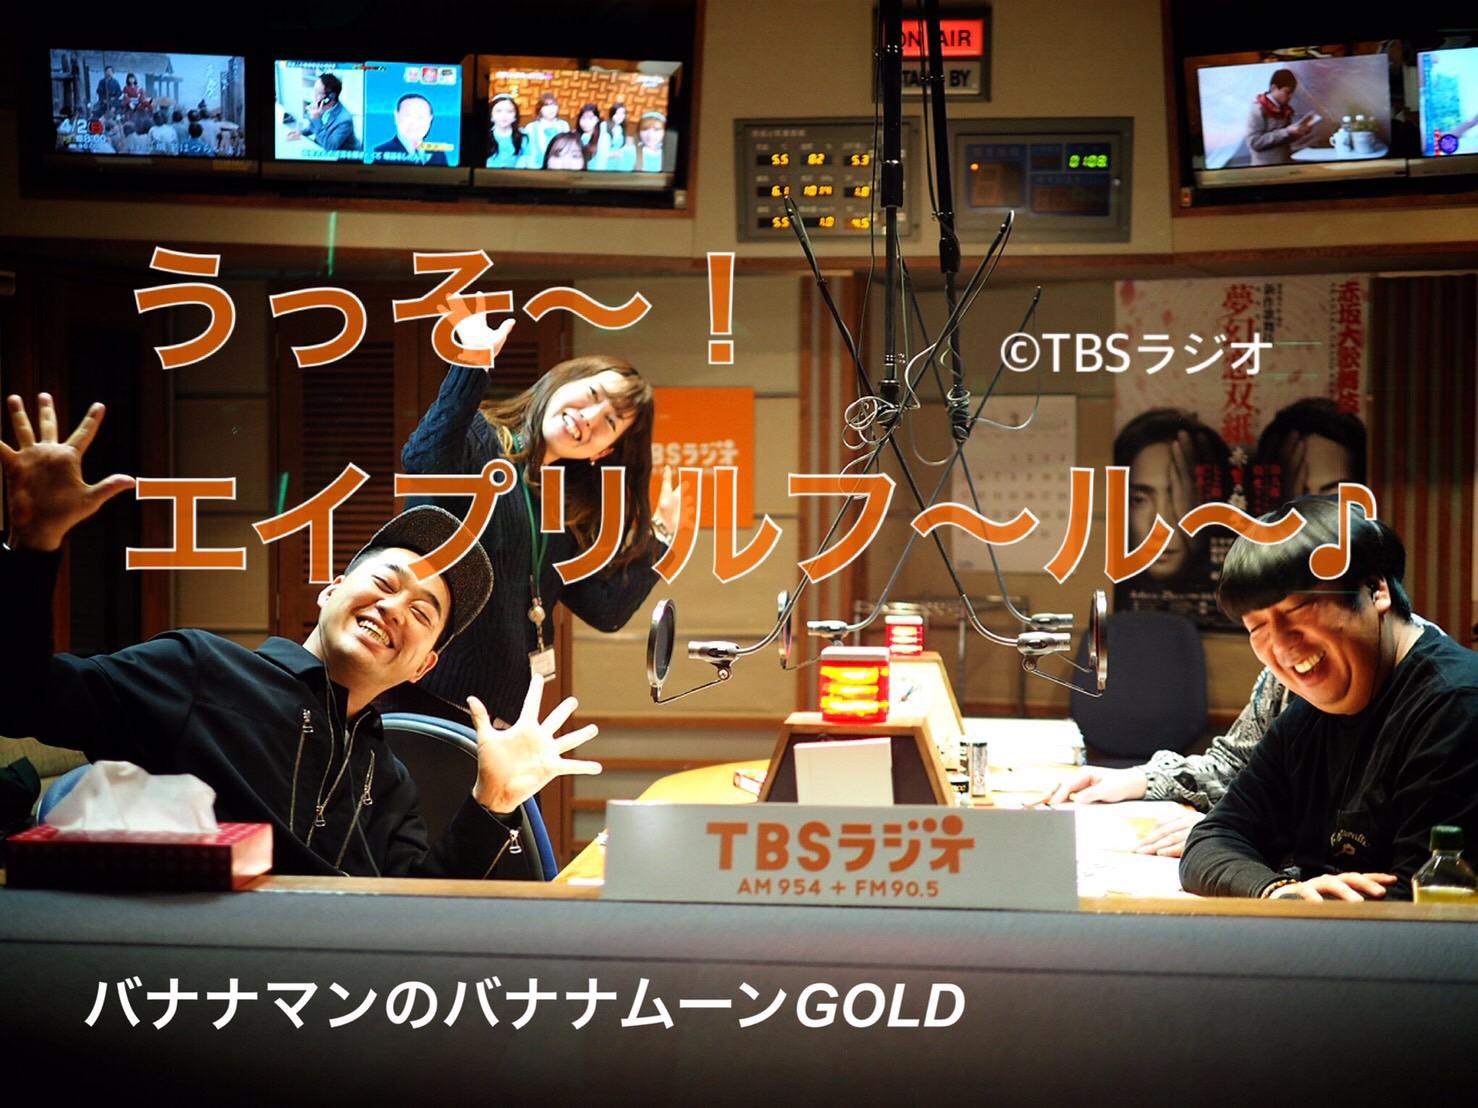 年齢 ジャニオタ バナナマン バナナマンのラジオ番組ADジャニヲタ(中村ひろこ)さんはどんな人?顔画像ありで萌え声をここで確認できる!